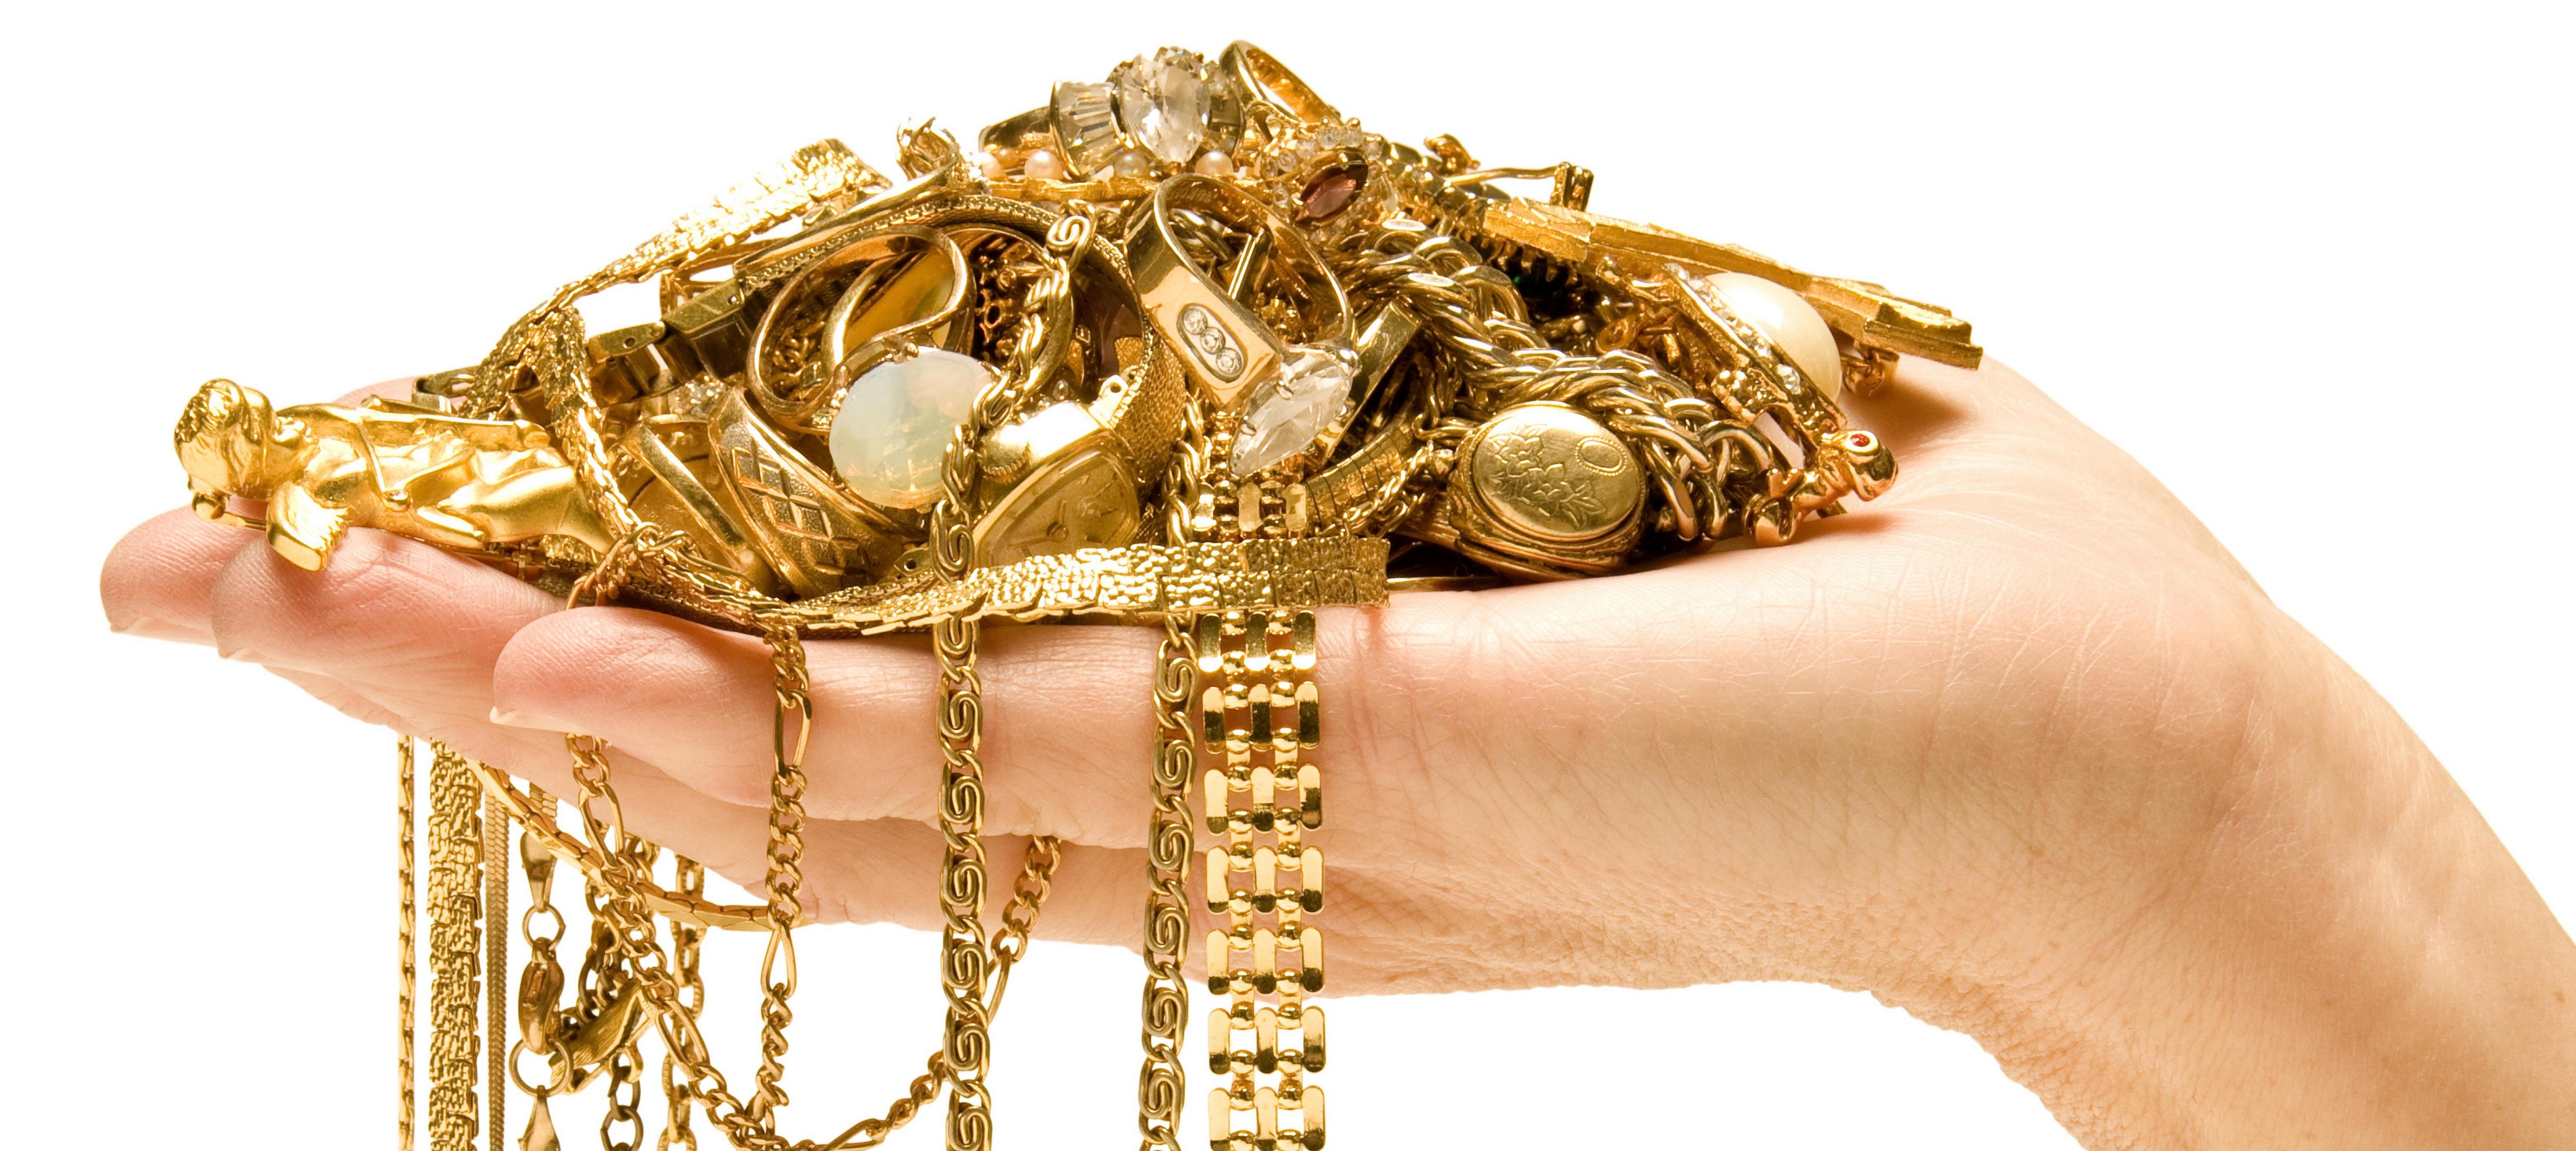 Золотые часы и ювелирные украшения с бриллиантами по приемлемой цене